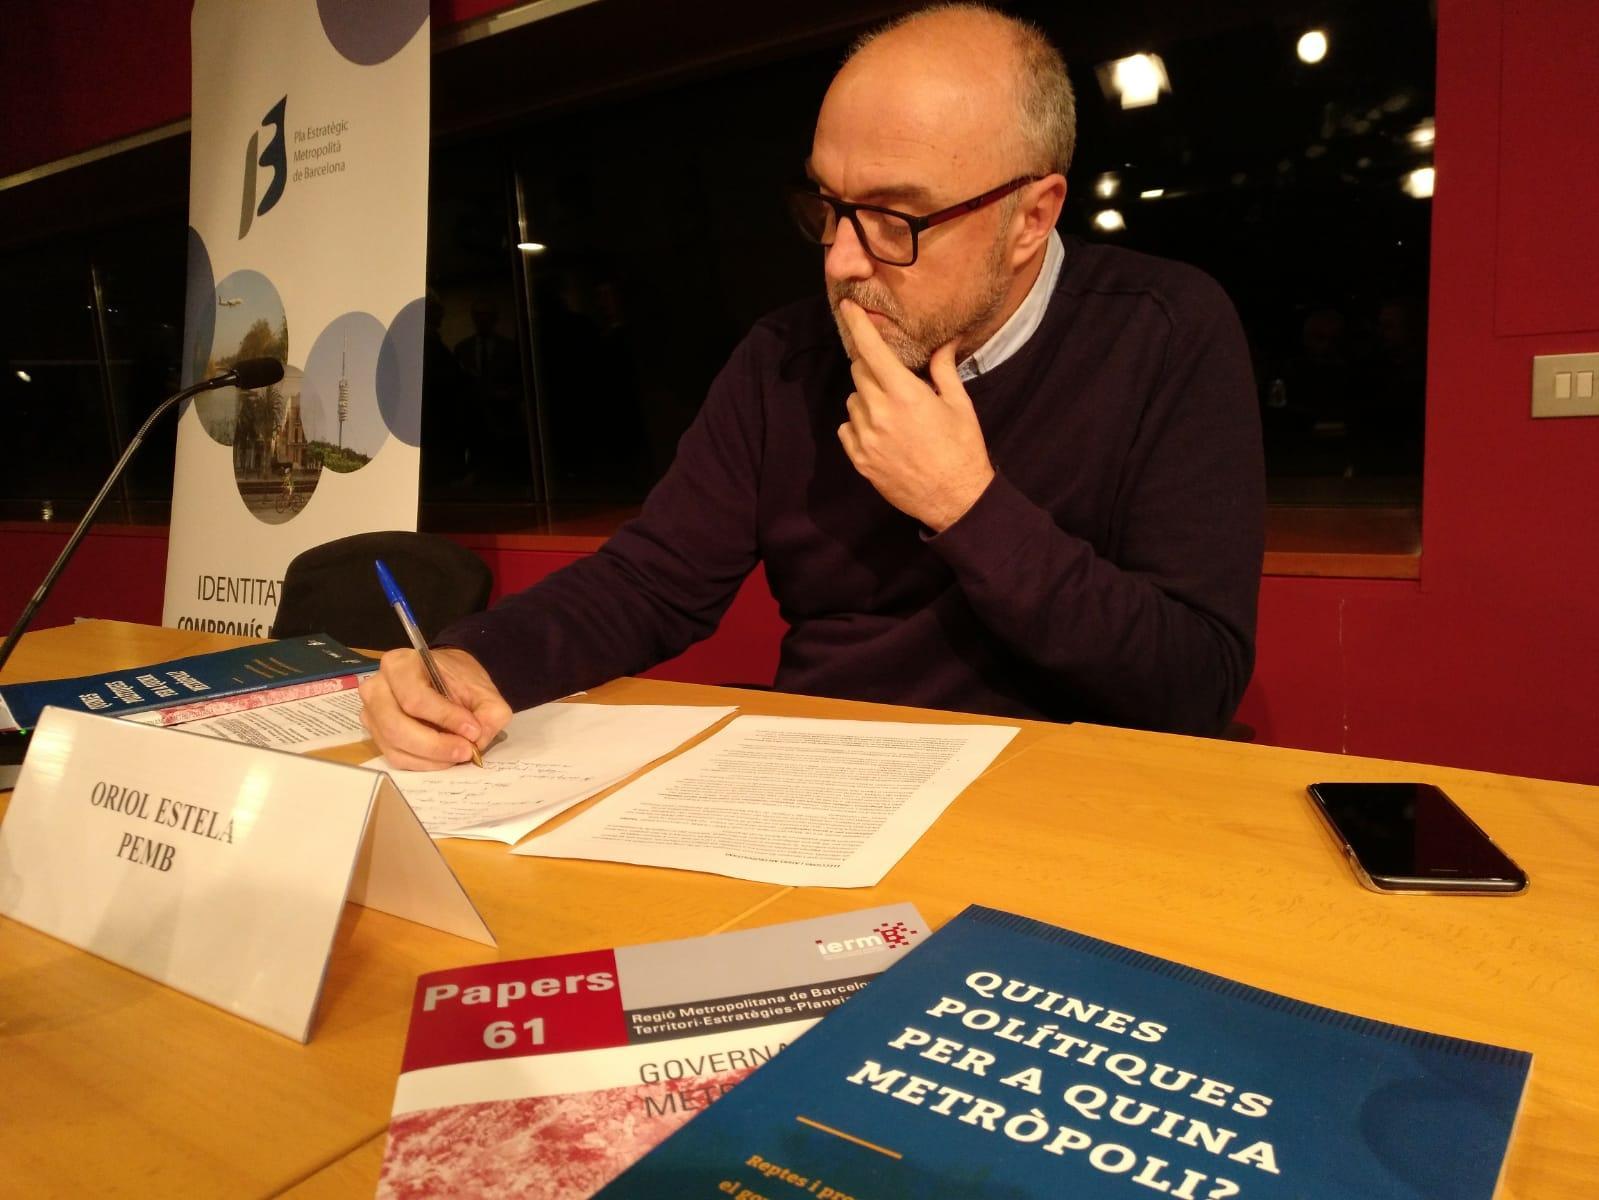 El coordinador del PEMB, Oriol Estela Barnet, abans de la presentació de l?informe 'Quines polítiques per a quina metròpoli?'